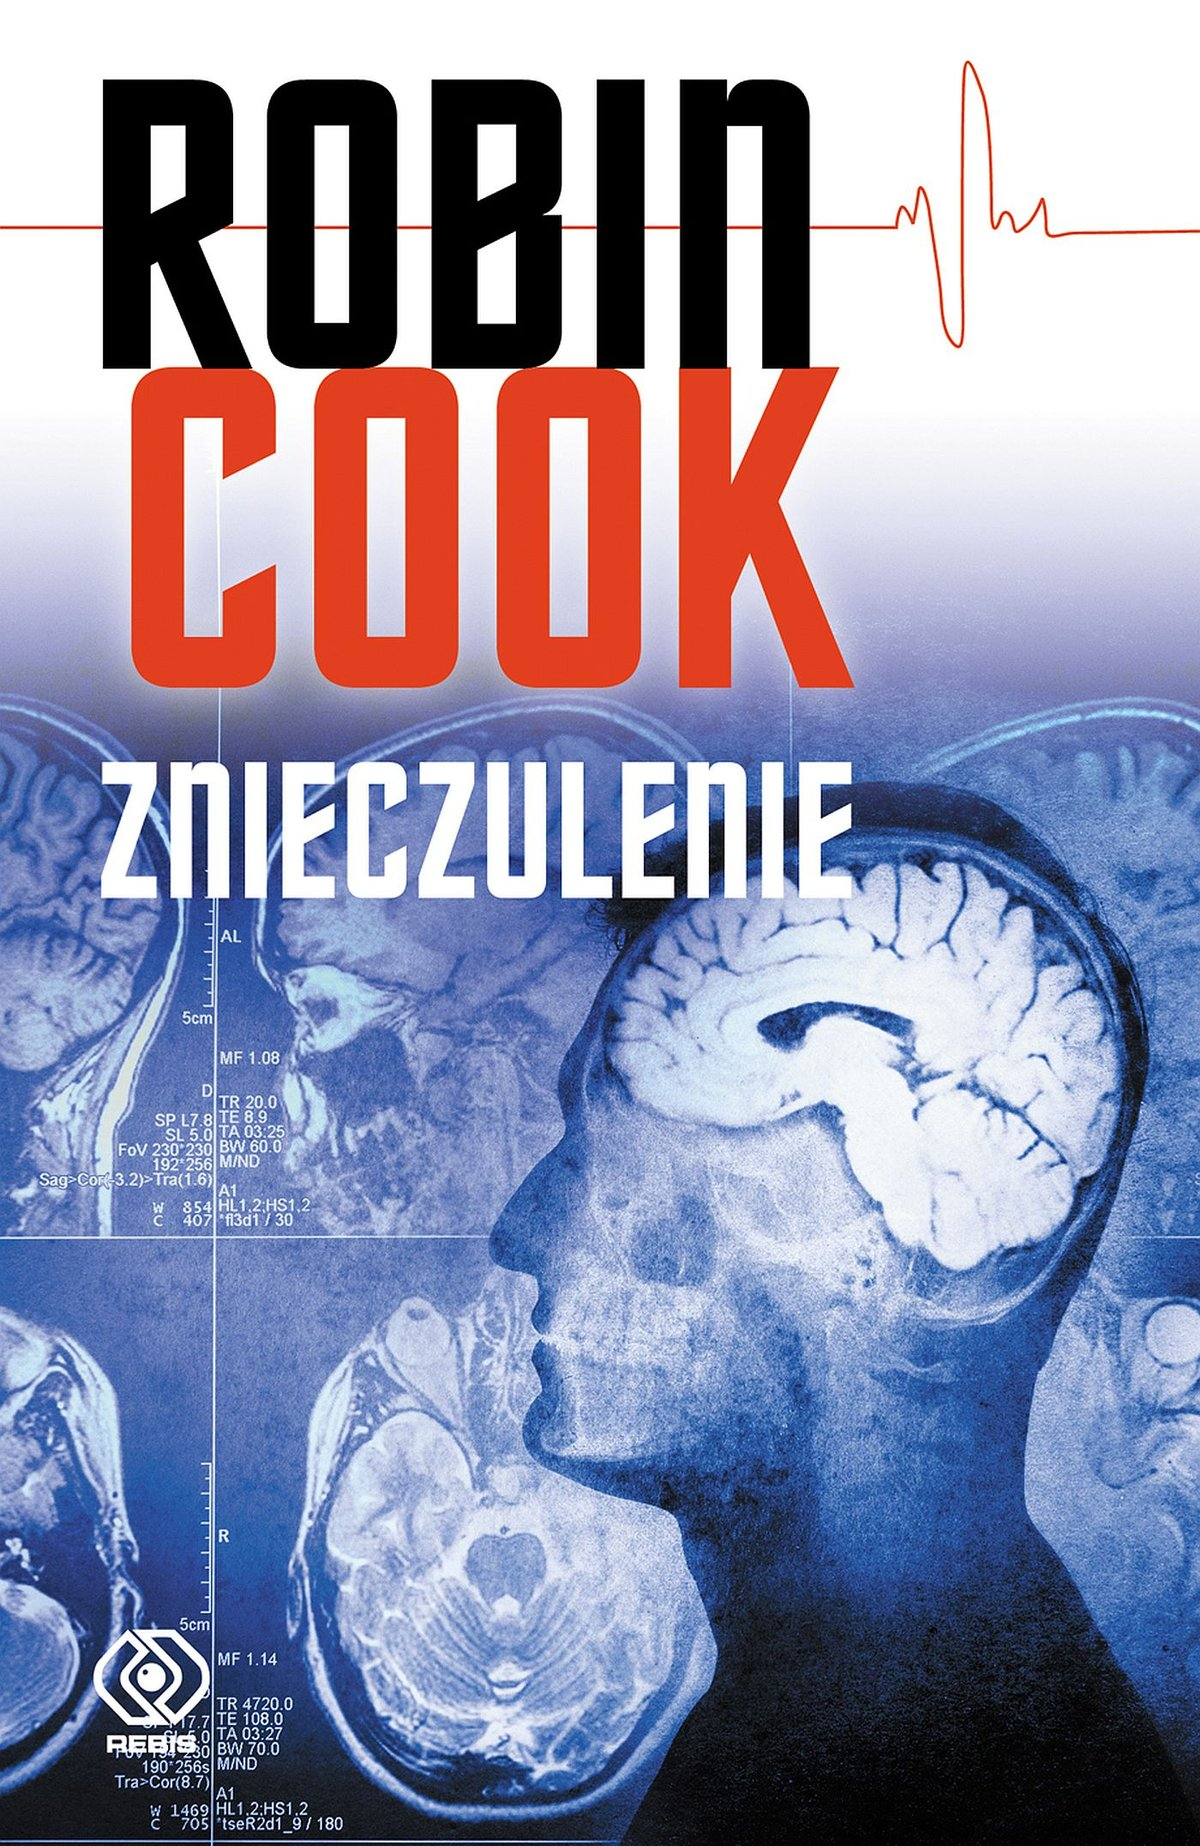 Znieczulenie - Ebook (Książka na Kindle) do pobrania w formacie MOBI